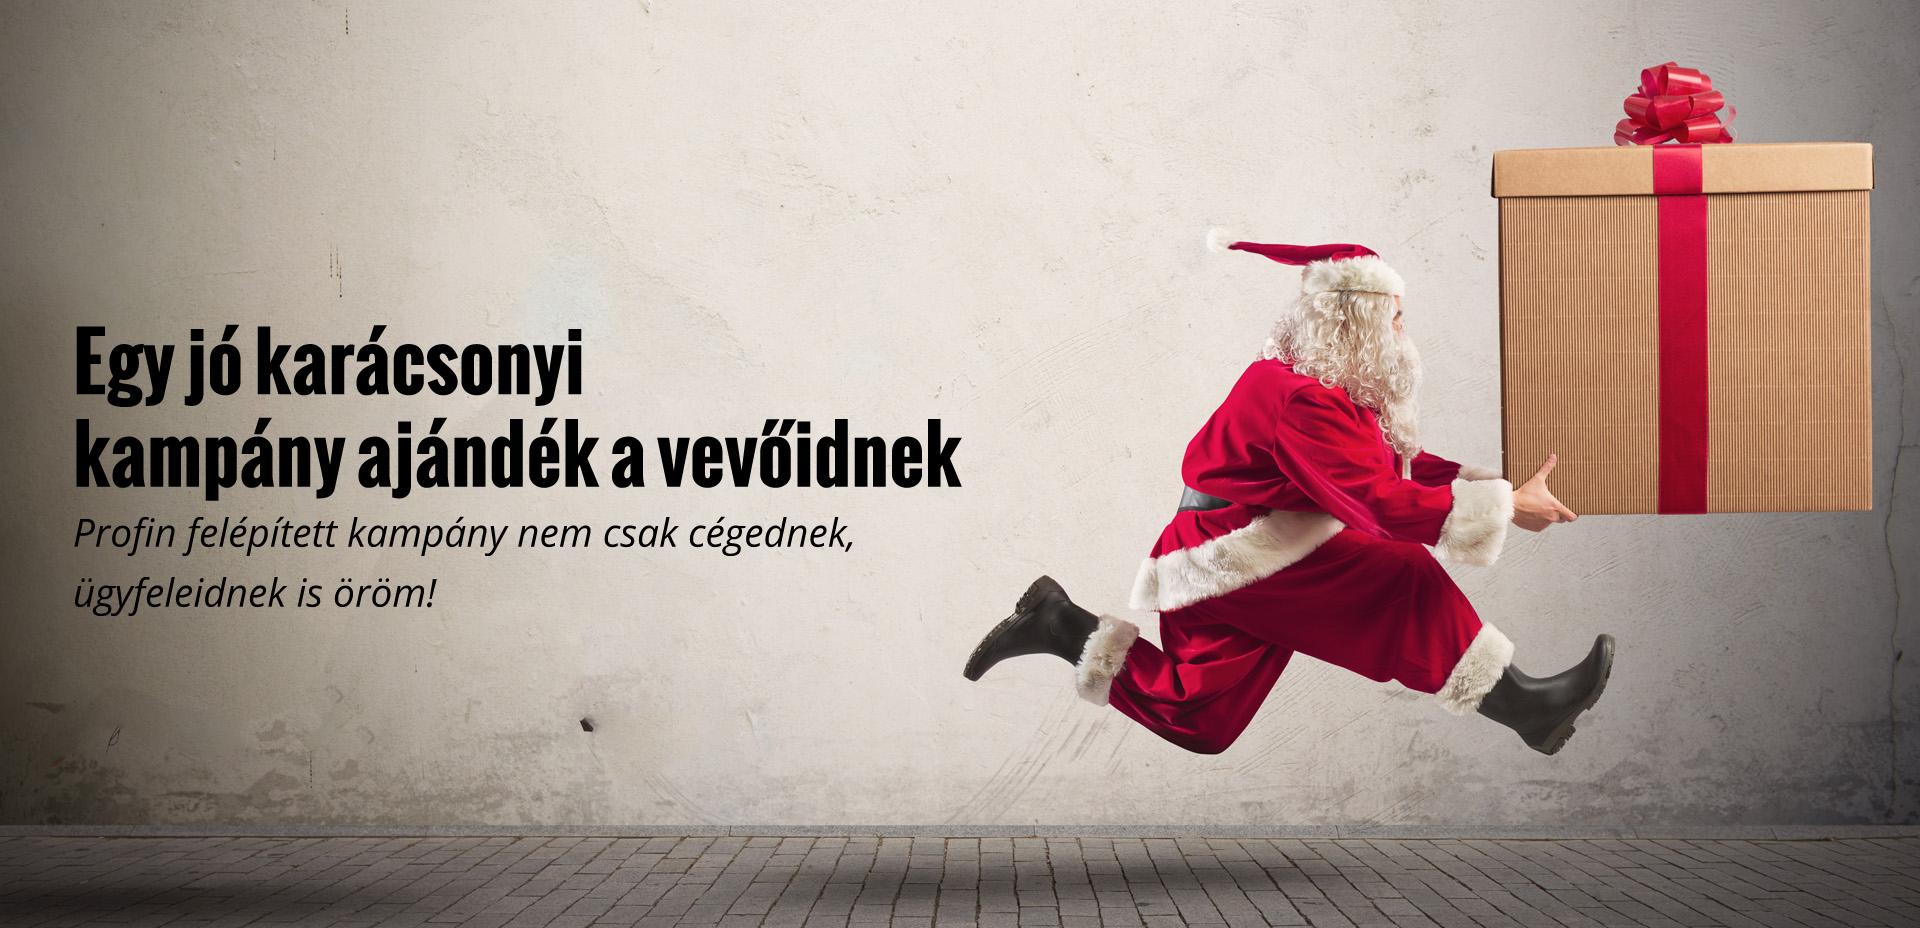 Egy jó karácsonyi kampány ajándék a vevőidnek is - Profin felépített kampány nem csak cégednek, ügyfeleidnek is öröm!